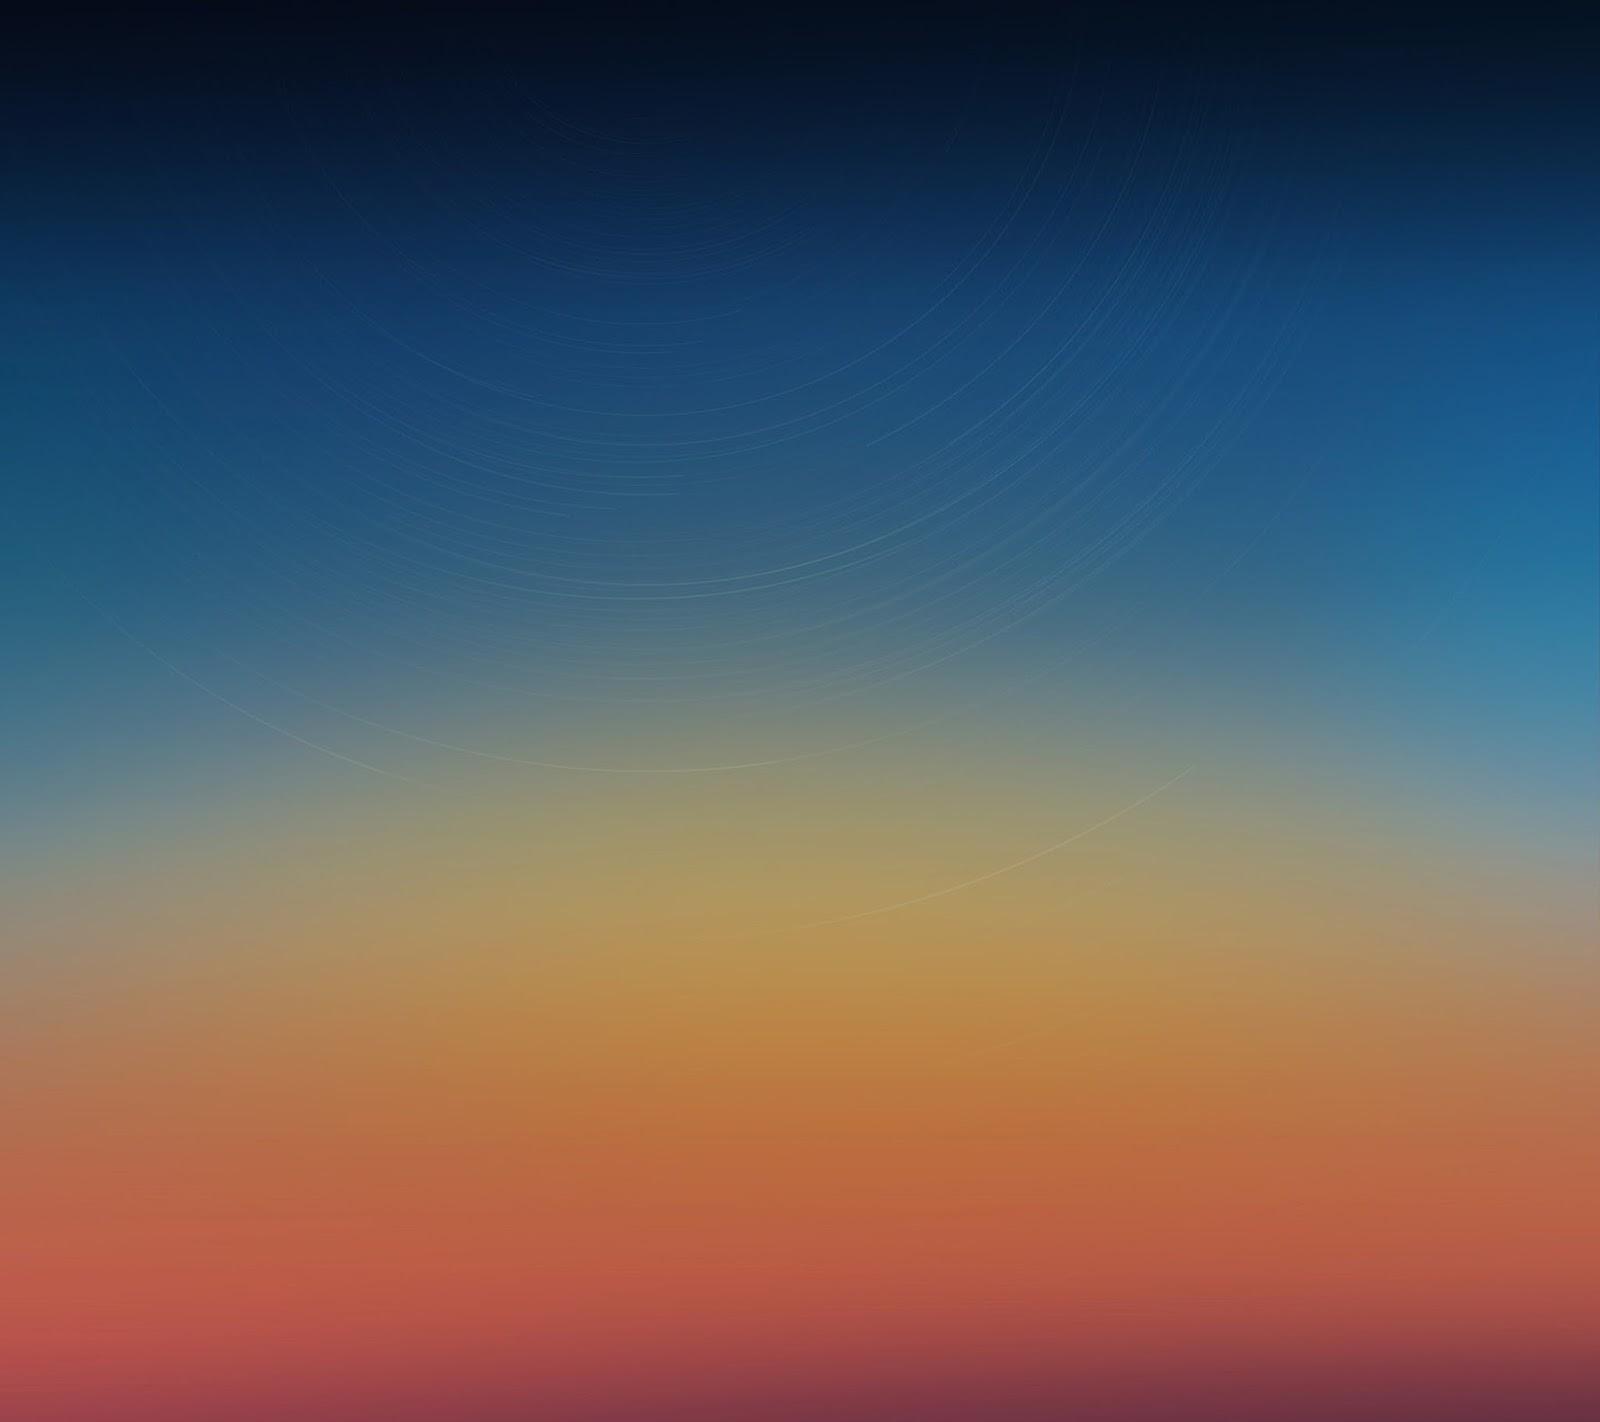 Xiaomi MI3 Wallpaper oficial 3